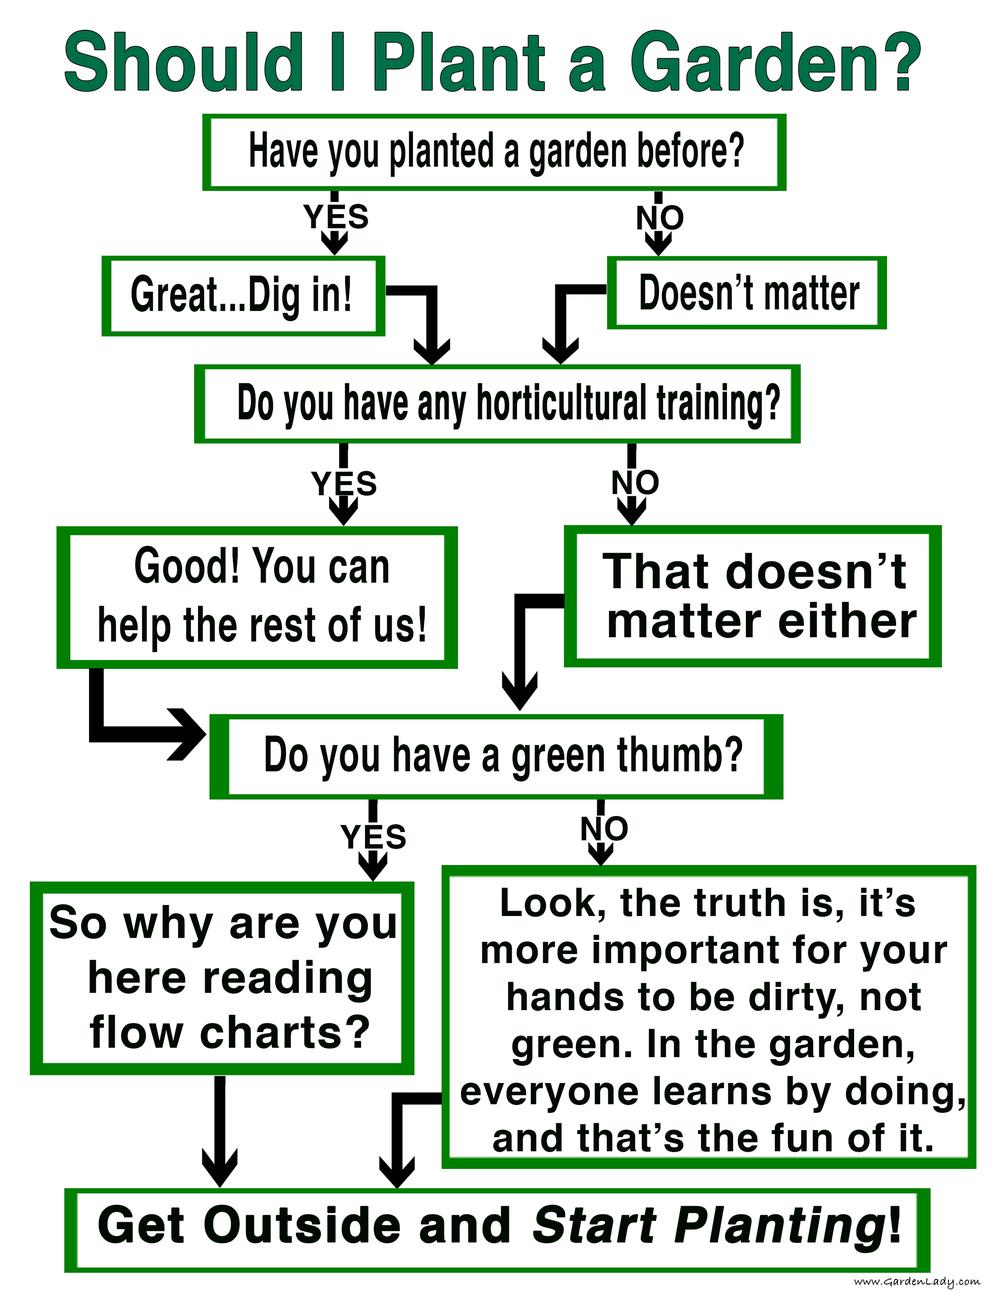 Garden flowchart from gardenlady.com